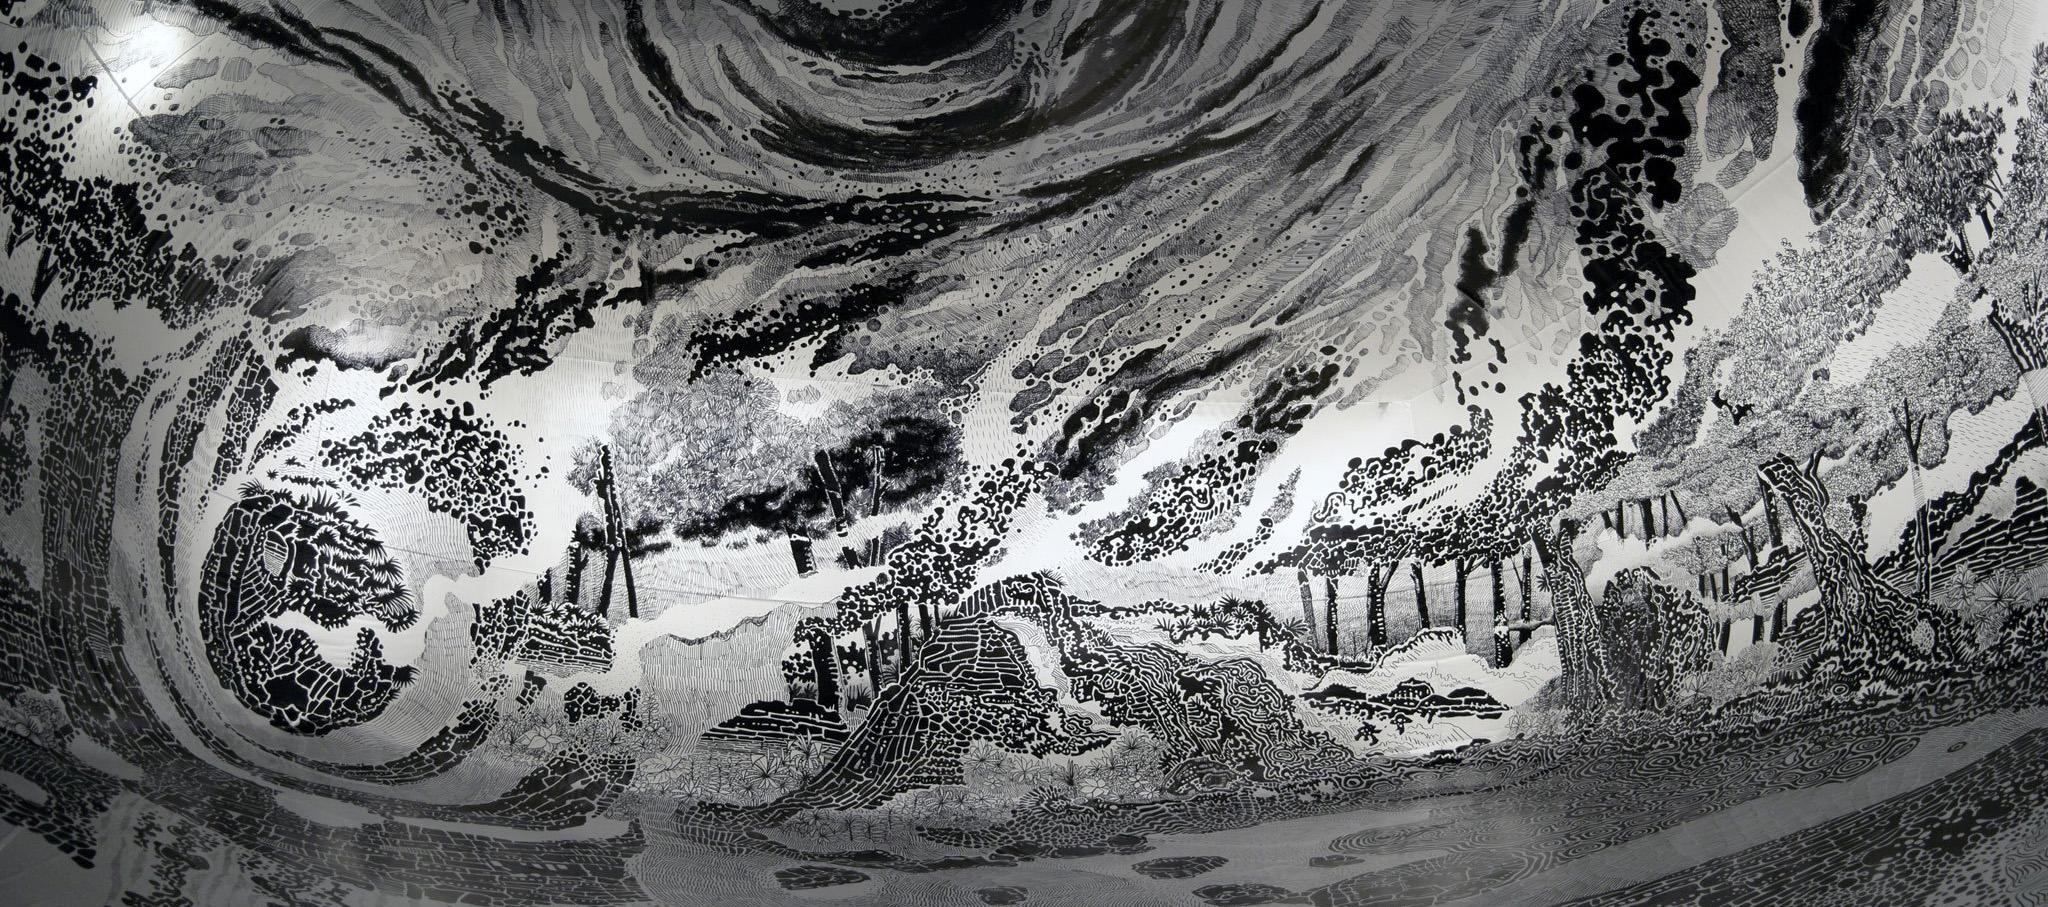 """Paradise 2018, dibujo, bolígrafo permanente en vinilo 10x7x4m. """"Oscar Oiwa en el Paraíso: Dibujando lo efímero"""" en la Japan House. Cortesía de Oscar Oiwa"""